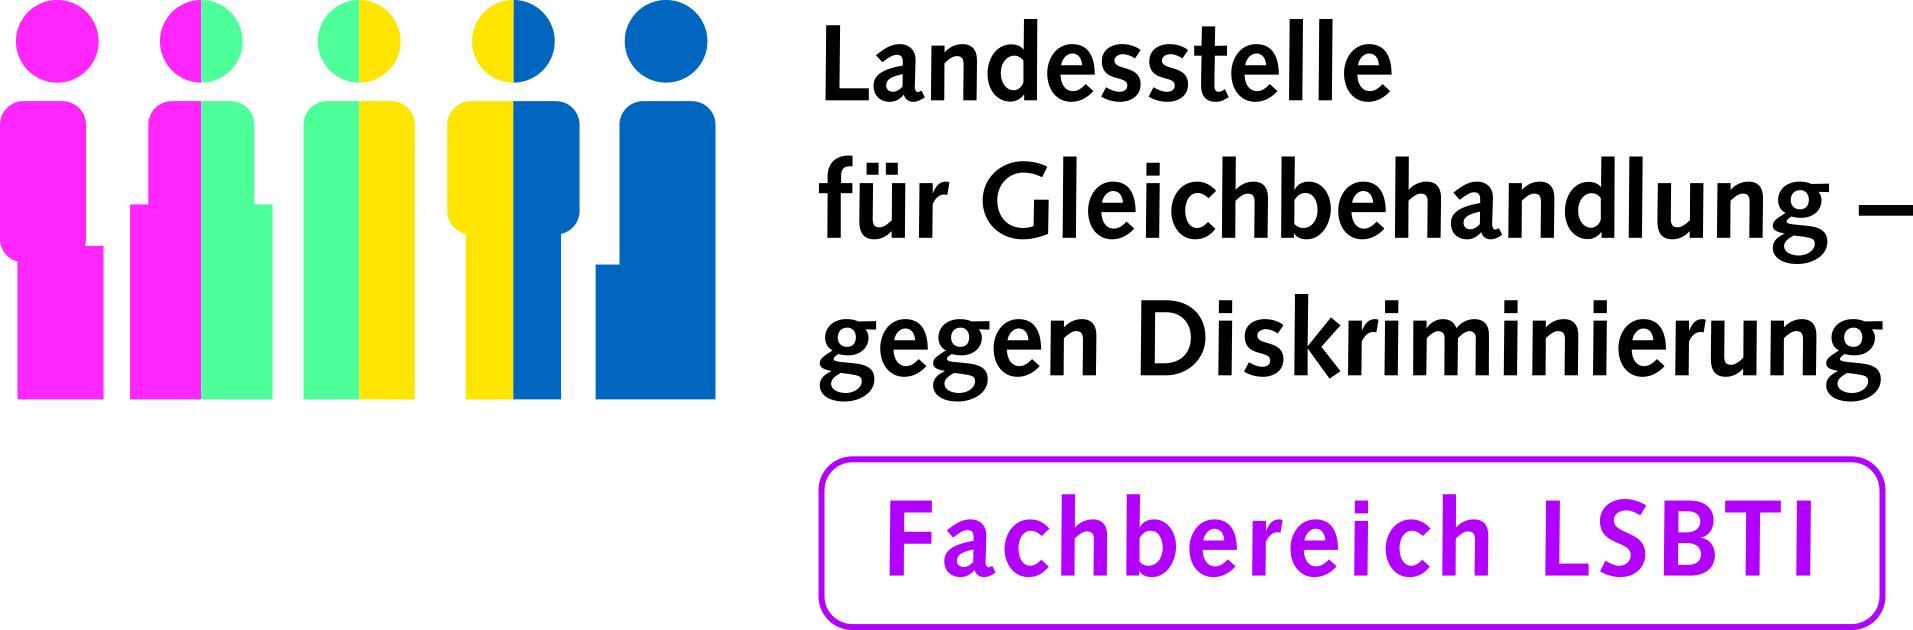 Logo der Landesstelle für Gleichbehandlung – gegen Diskriminierung, Fachbereich LSBTI